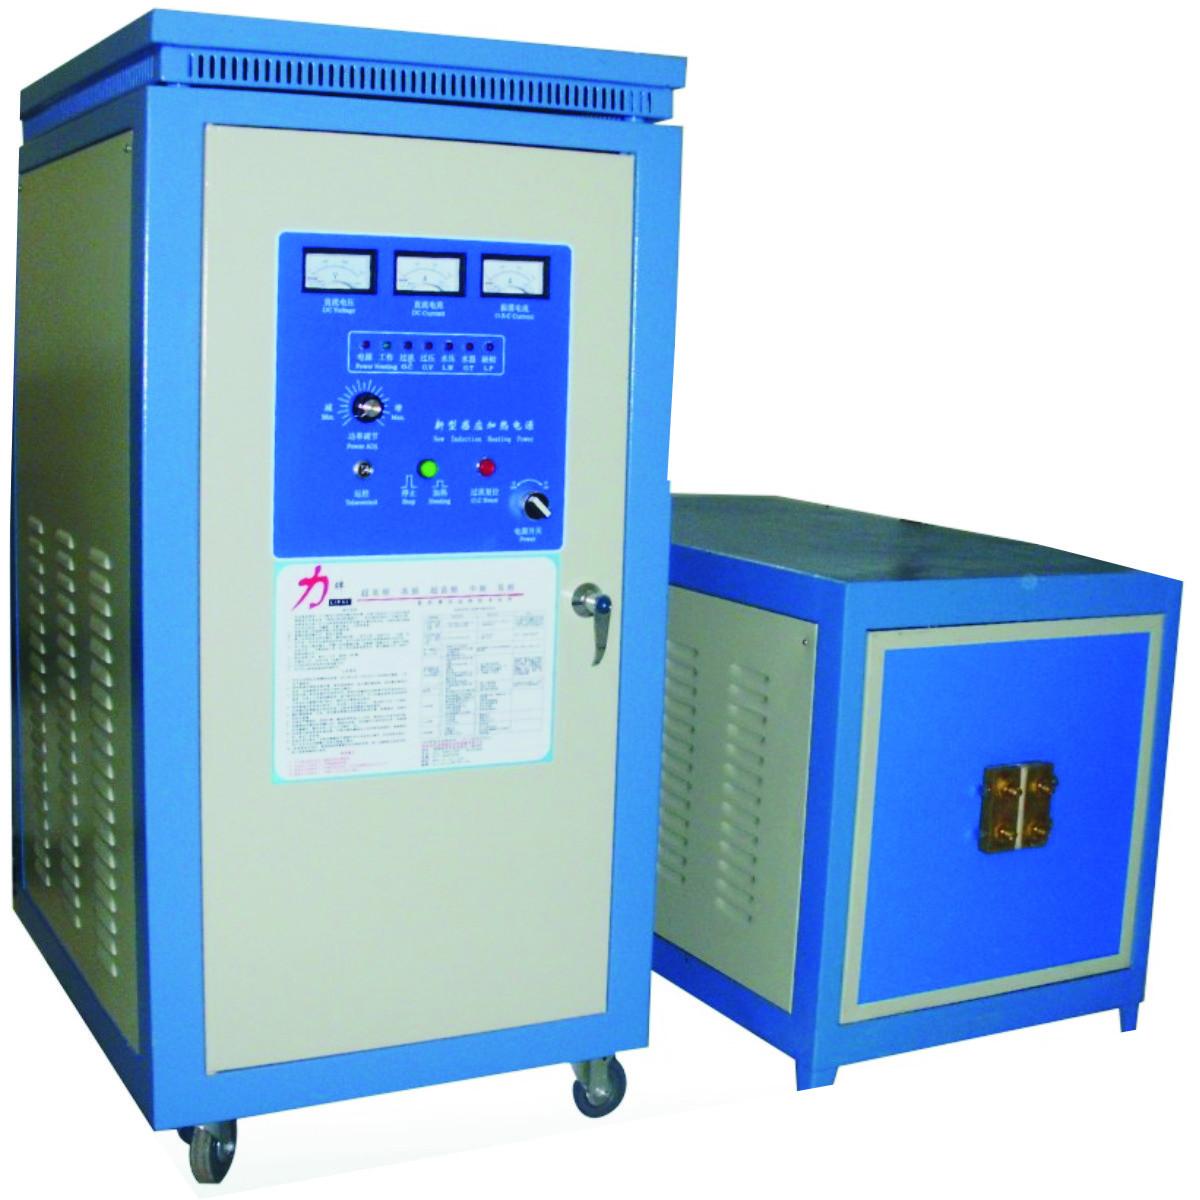 高频炉,全称高频感应炉,是感应炉的一种。 高频炉的加热方式是通过电子管振荡电路产生高频电磁场,然后加到样品之上,对样品进行感应,产生涡电流(涡流),从而产生焦耳热,使样品迅速升温熔化,所以称为高频感应炉。 高频炉是目前对金属材料加热效率最高、速度最快,低耗节能环保型的感应加热设备。 高频炉,又名高频加热机、高频感应加热设备、高频感应加热装置、高频加热电源、高频电源、高频电炉。高频焊接机、高周波感应加热机、高周波感应加热器(焊接器)等,另外还有中频感应加热设备、超高频感应加热设备等。应用范围十分广泛。现在